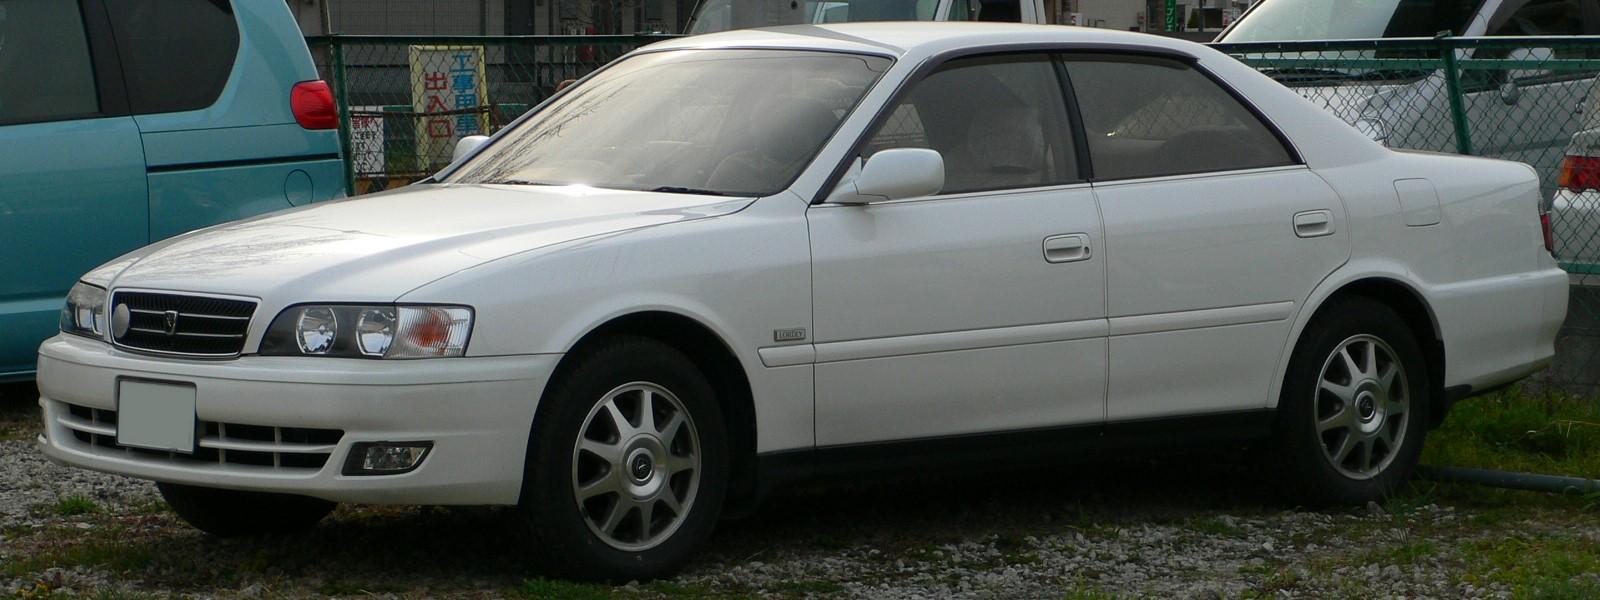 Toyota Chaser VI (X100) Restyling 1998 - 2001 Sedan #7